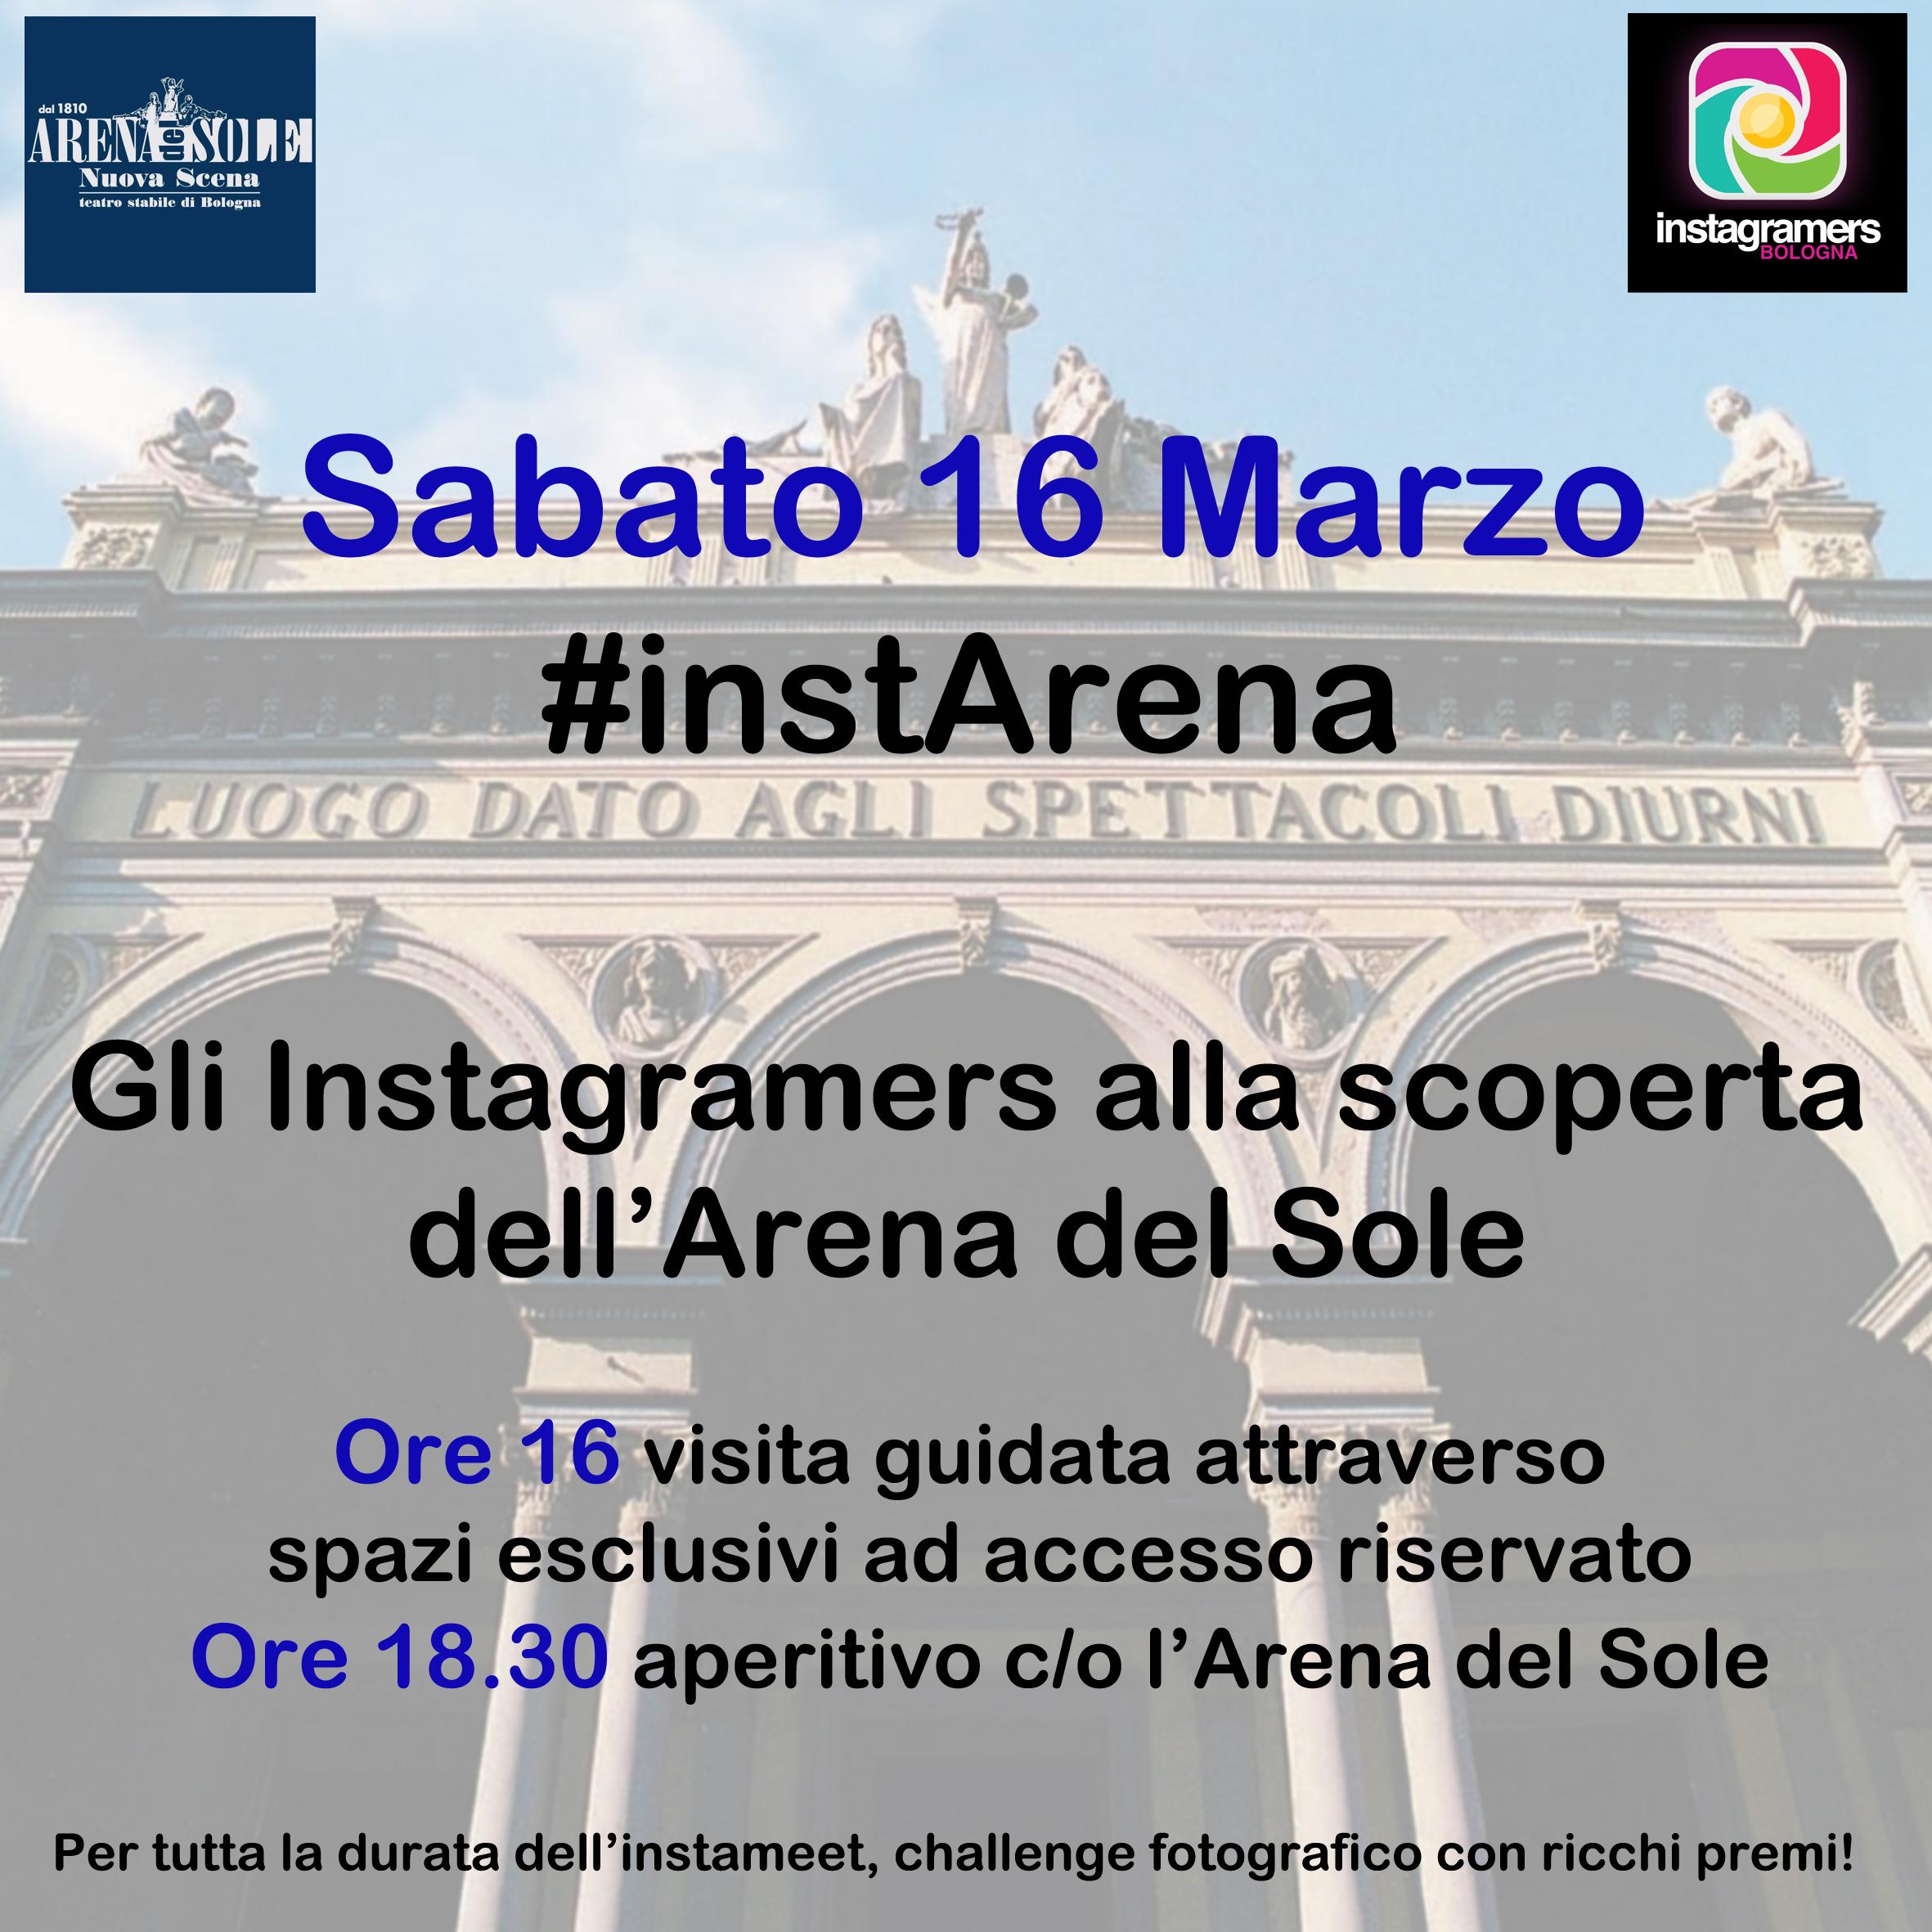 #instArena – Gli Instagramers alla scoperta dell'Arena del Sole